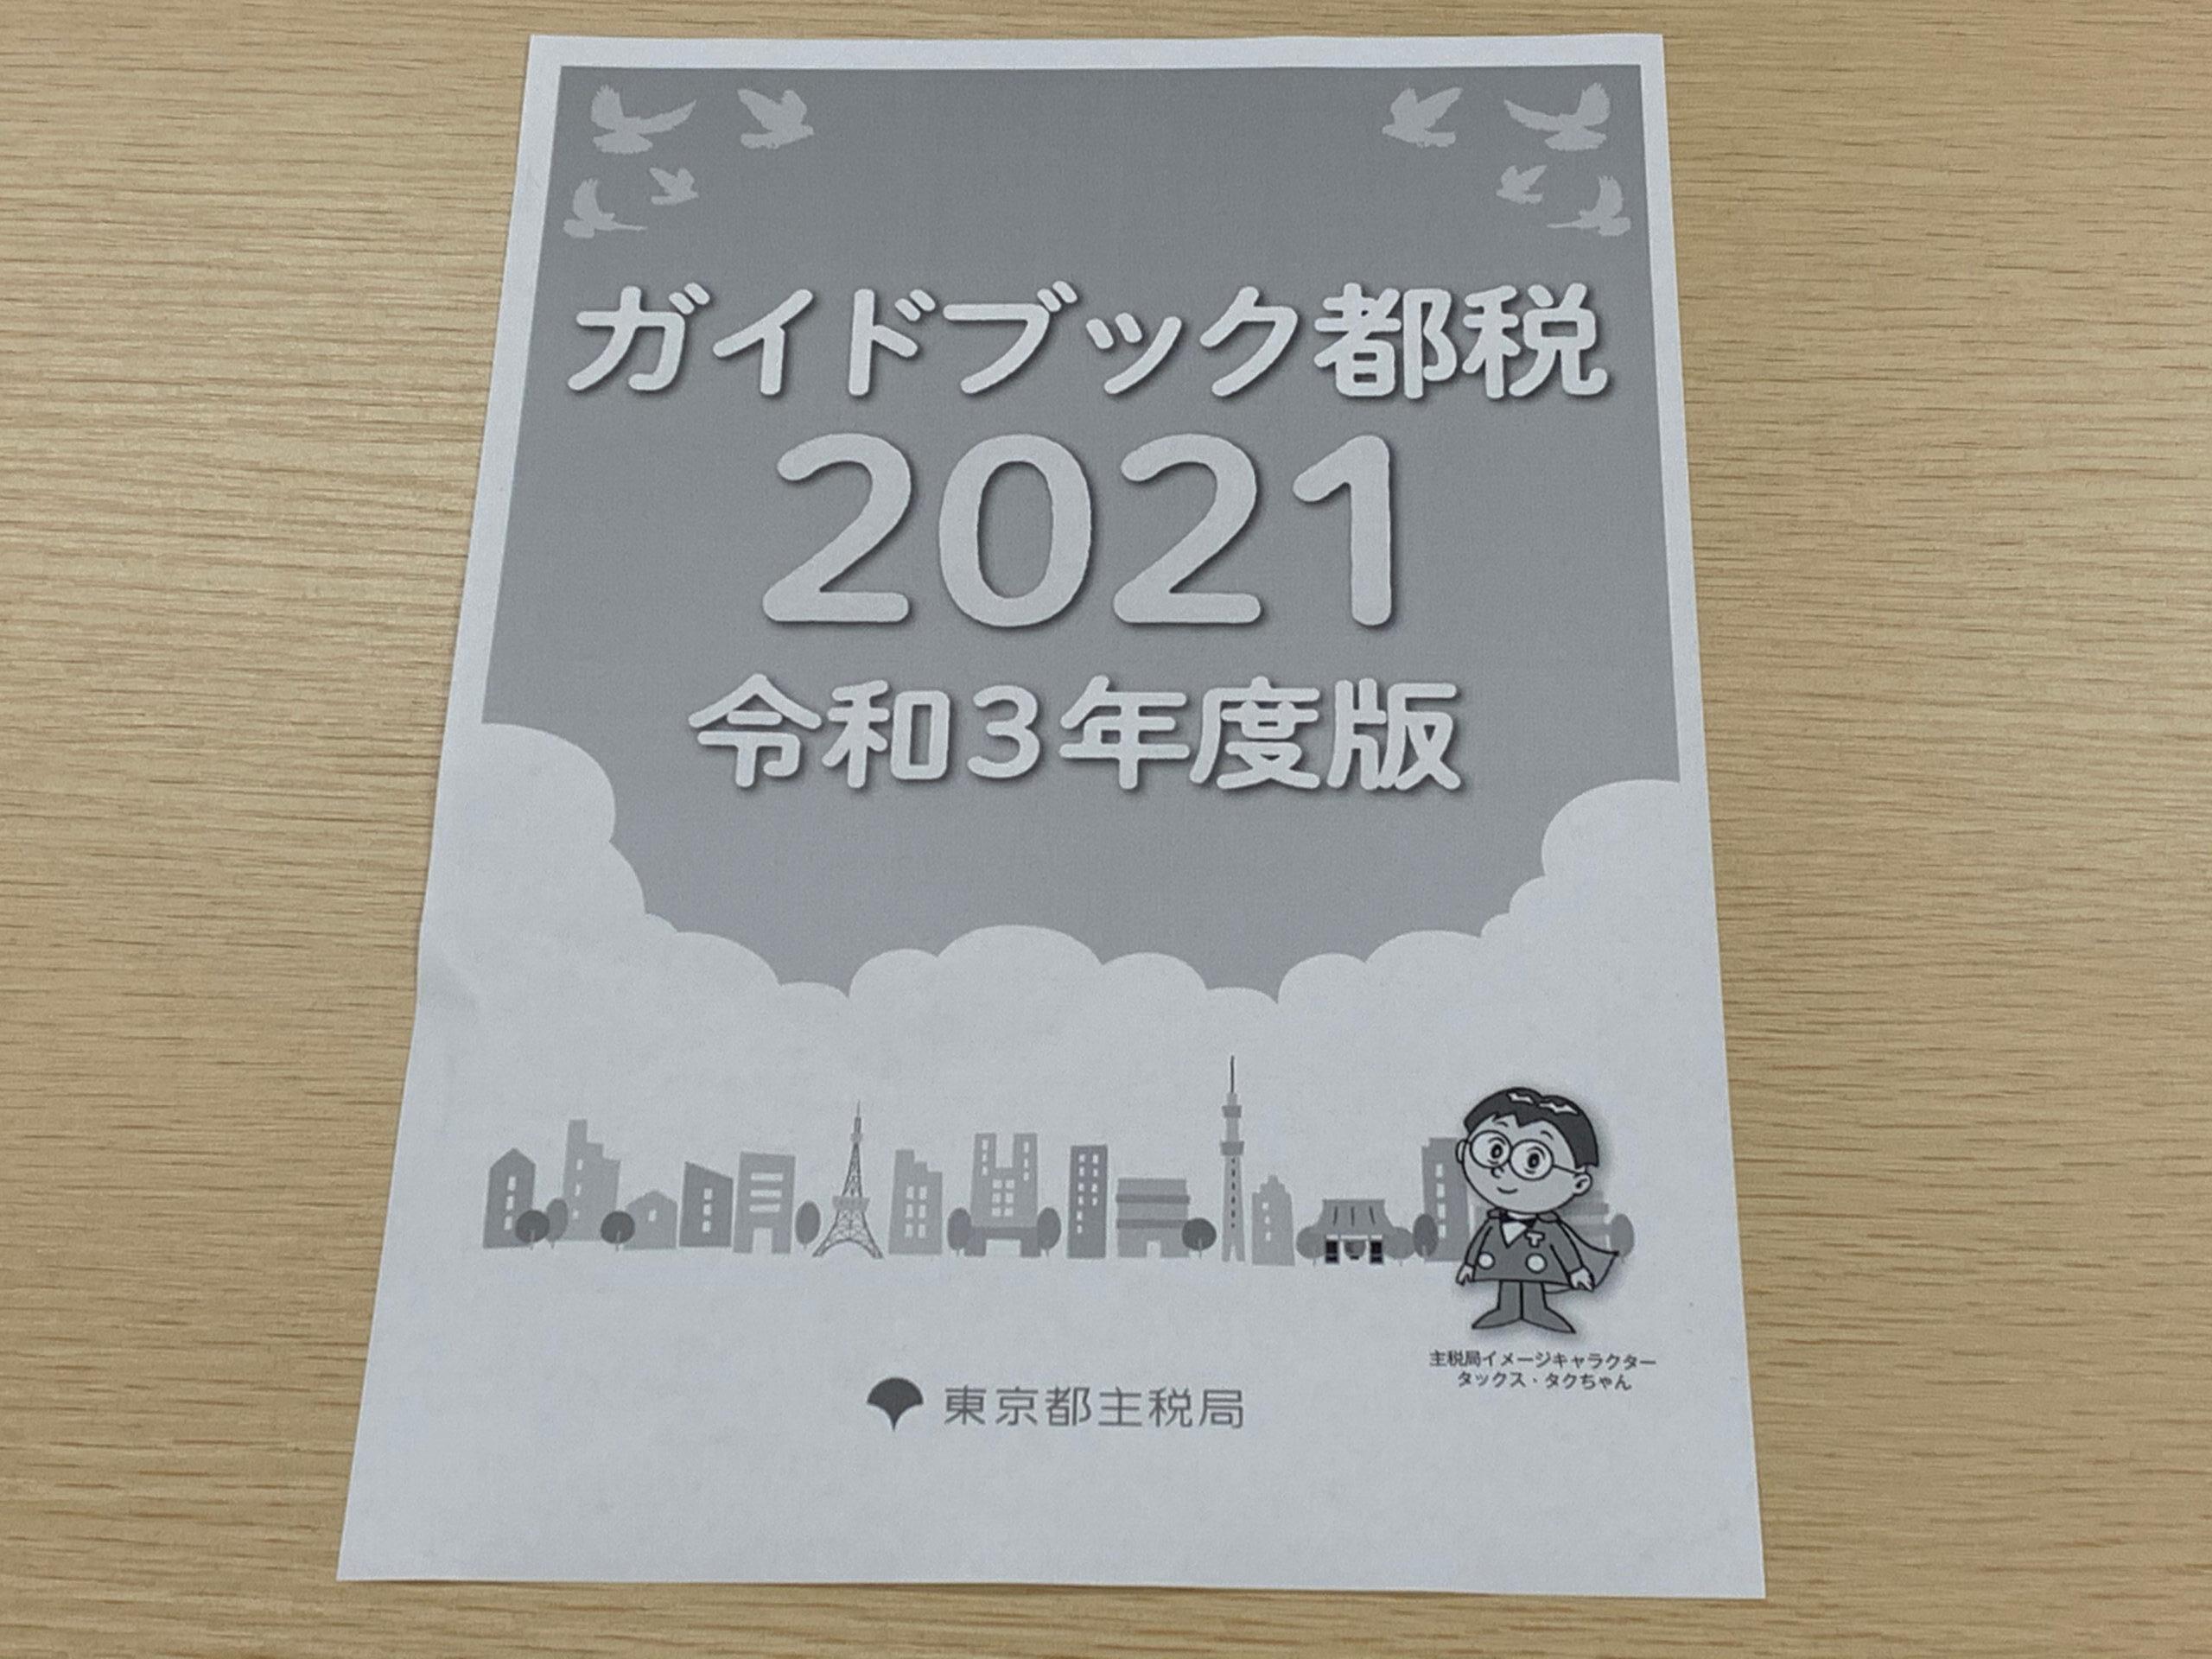 ガイドブック都税2021(令和3年度版)が刊行されました